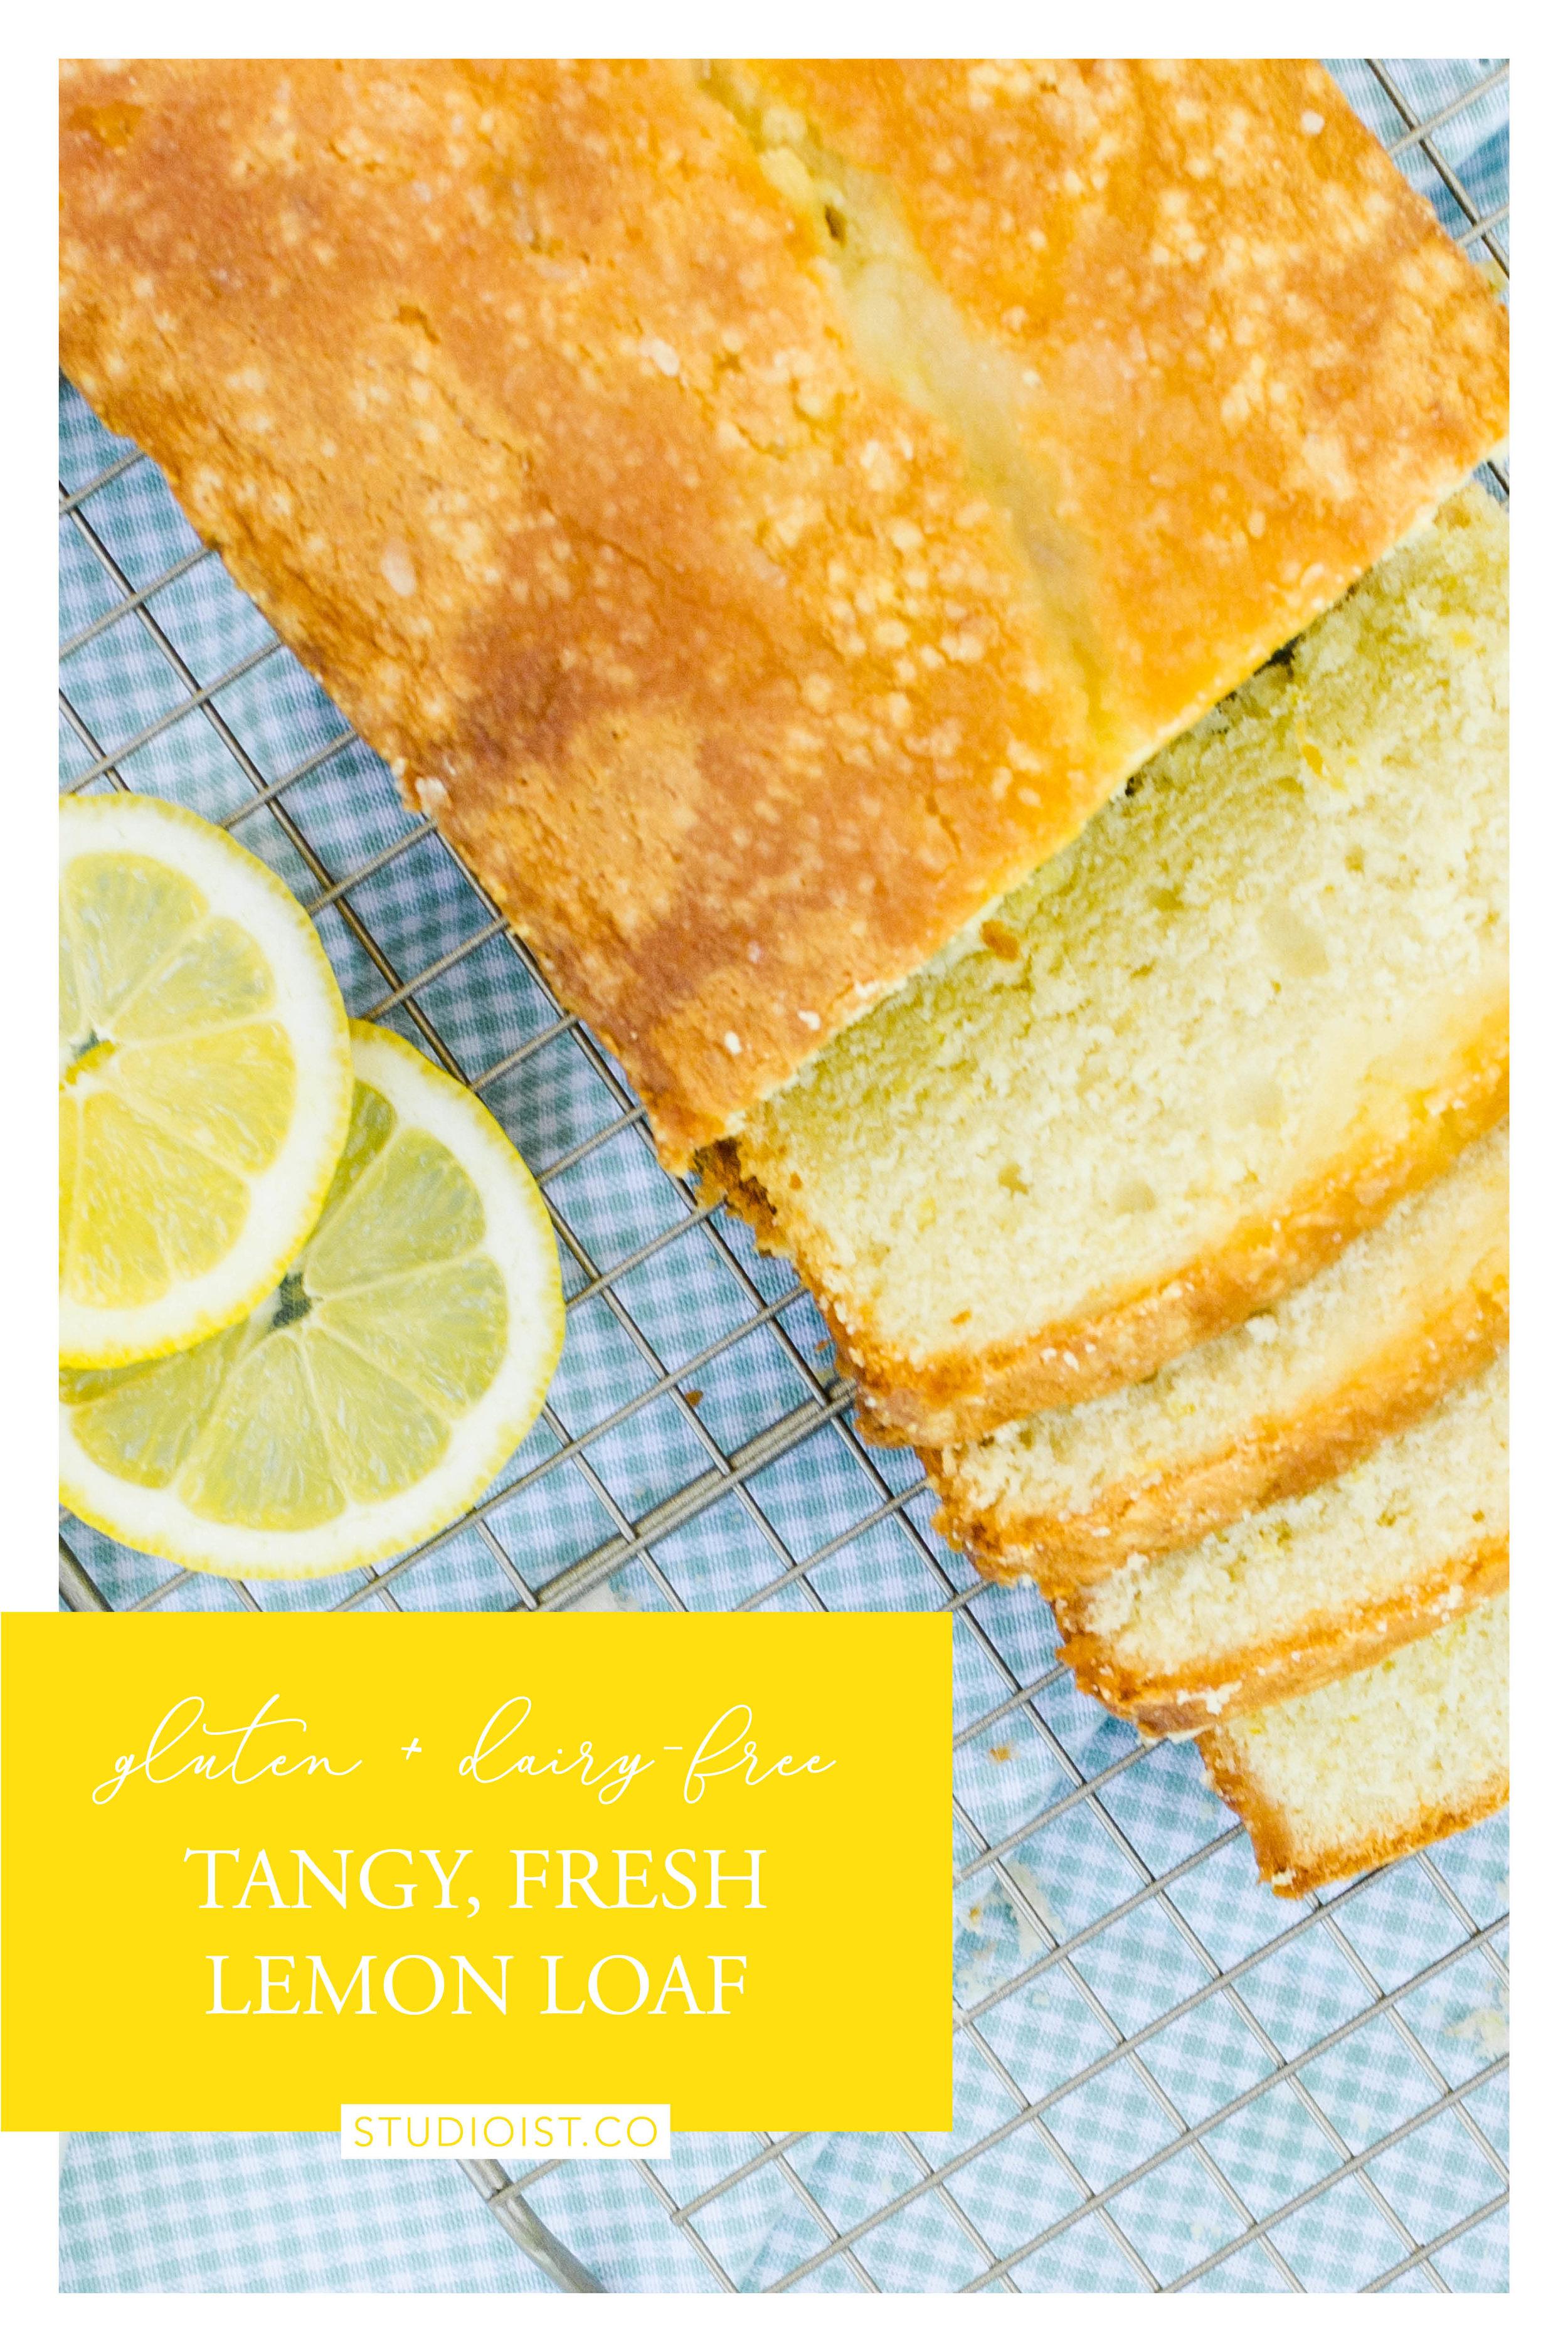 Studioist_Pinterest Design_Lemon Loaf4.jpg